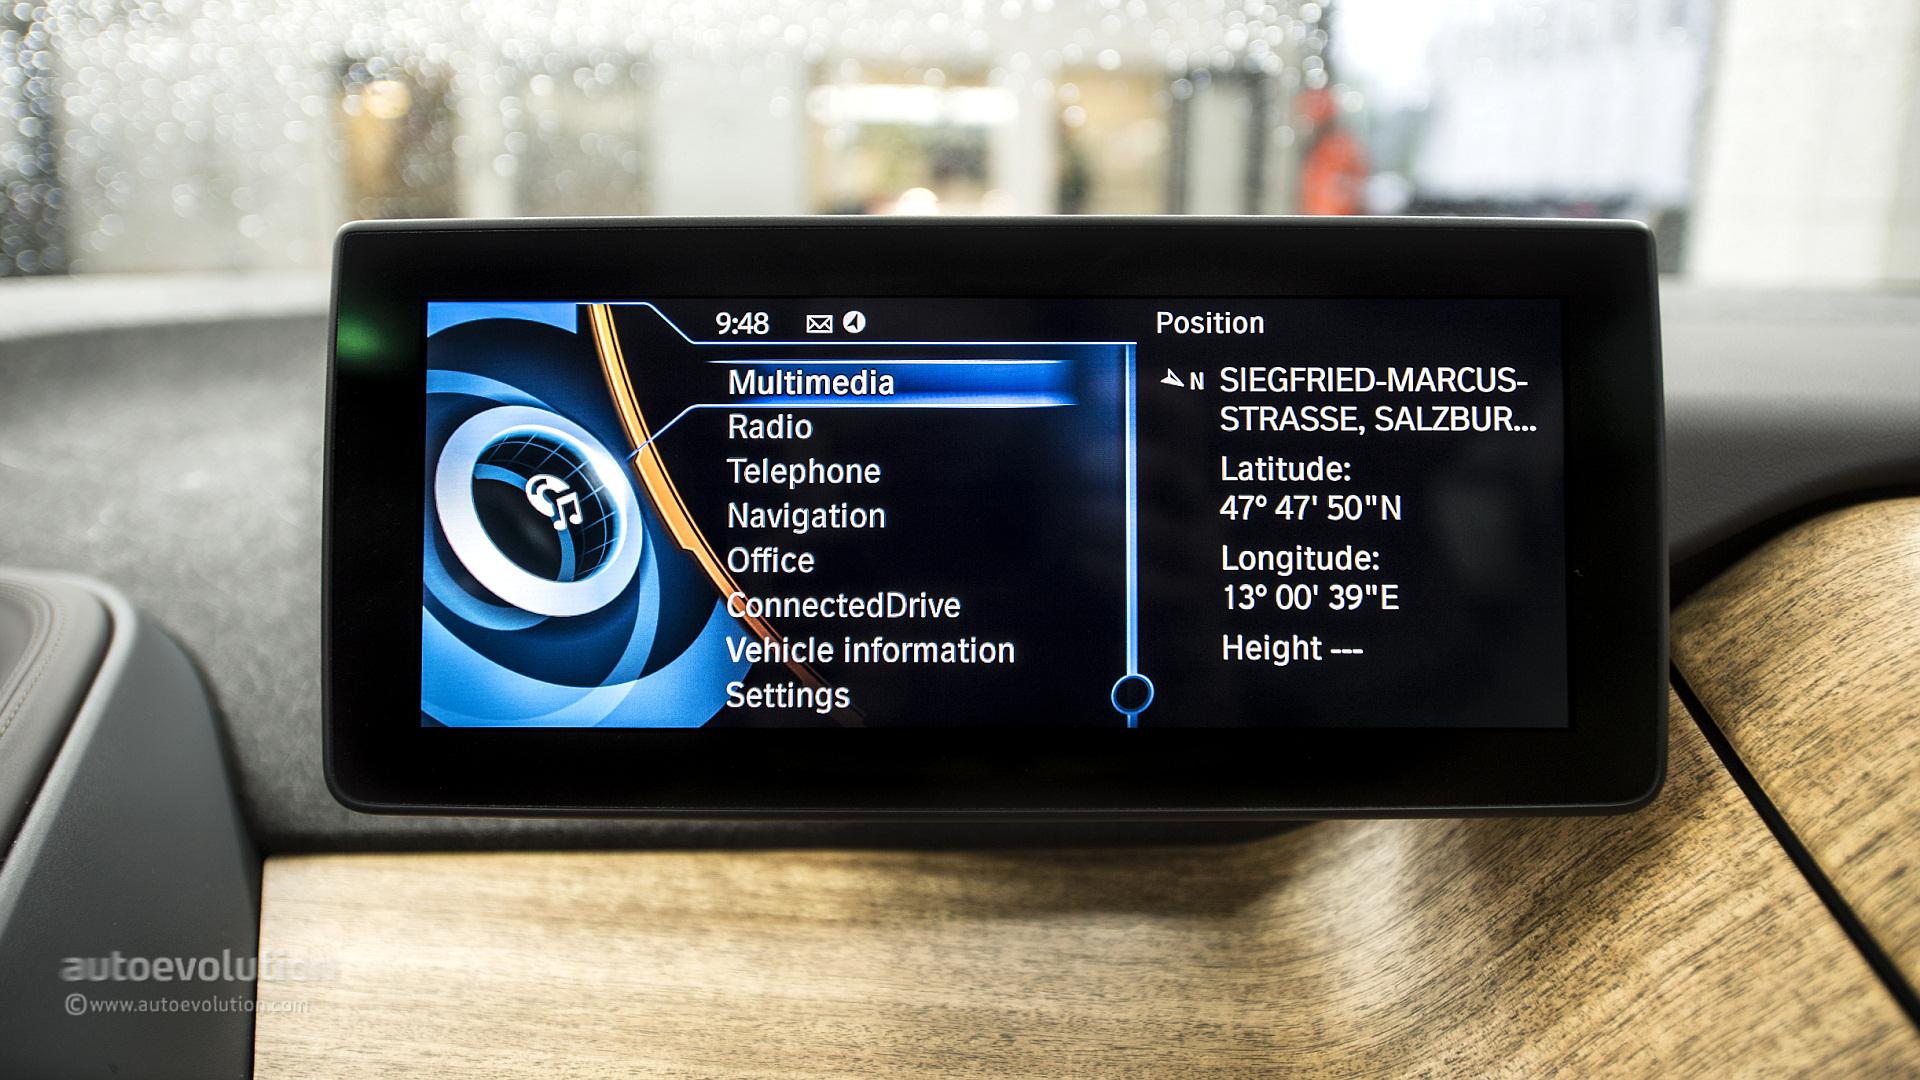 BMW i3 Infotainment System